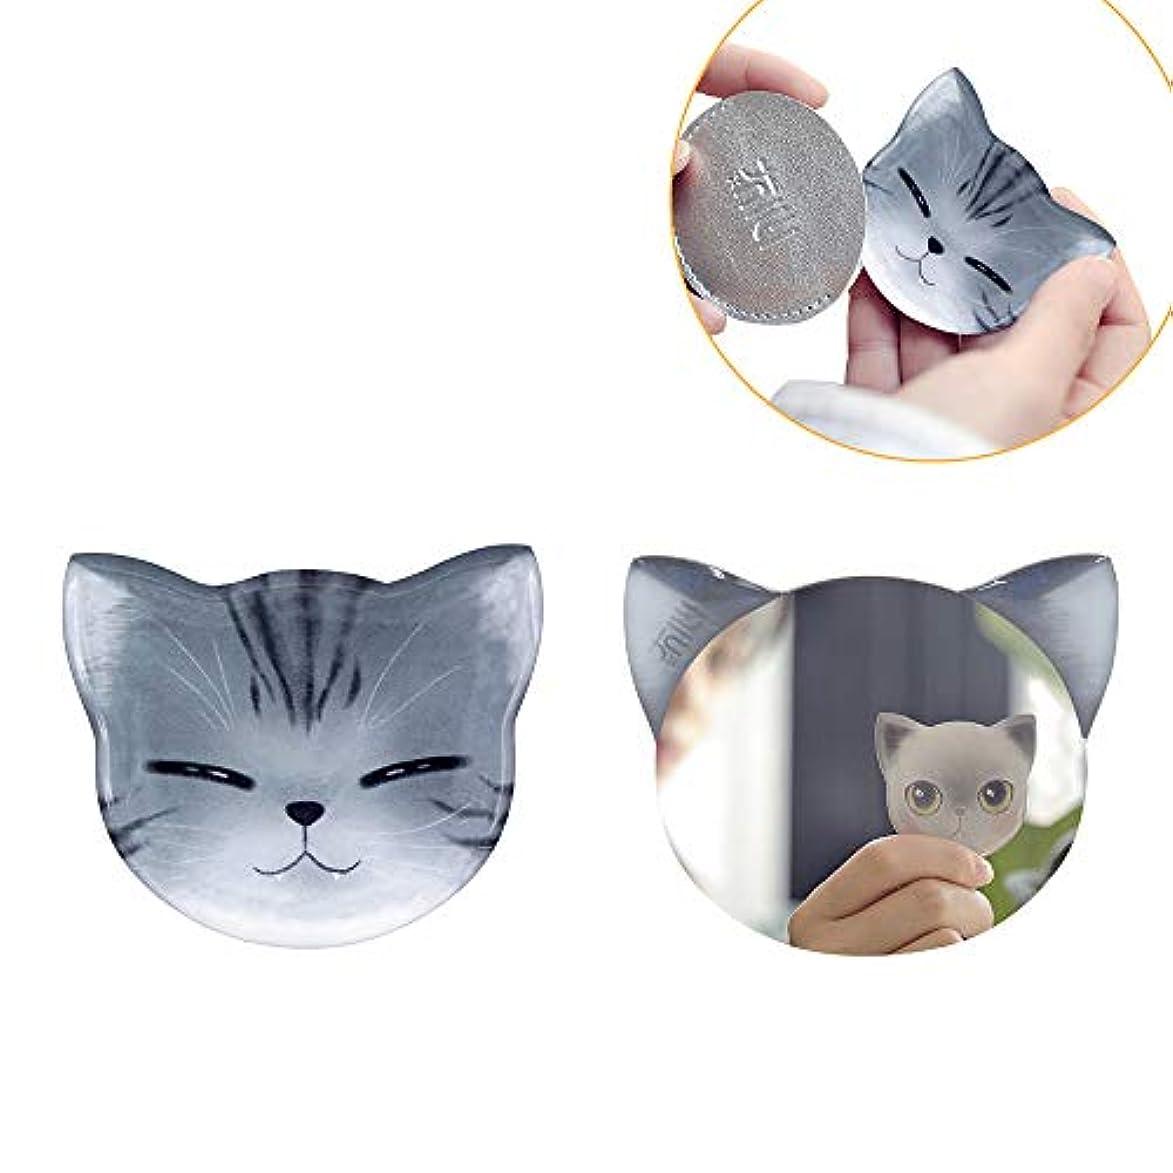 アラビア語囲む書き出す手鏡 コンパクト iitrust 猫柄 8パタン 収納袋付き 割れない 鏡 おしゃれ コンパクトミラー ハンドミラー かわいい 手鏡 猫 手鏡 かわいい iitrust並行輸入品